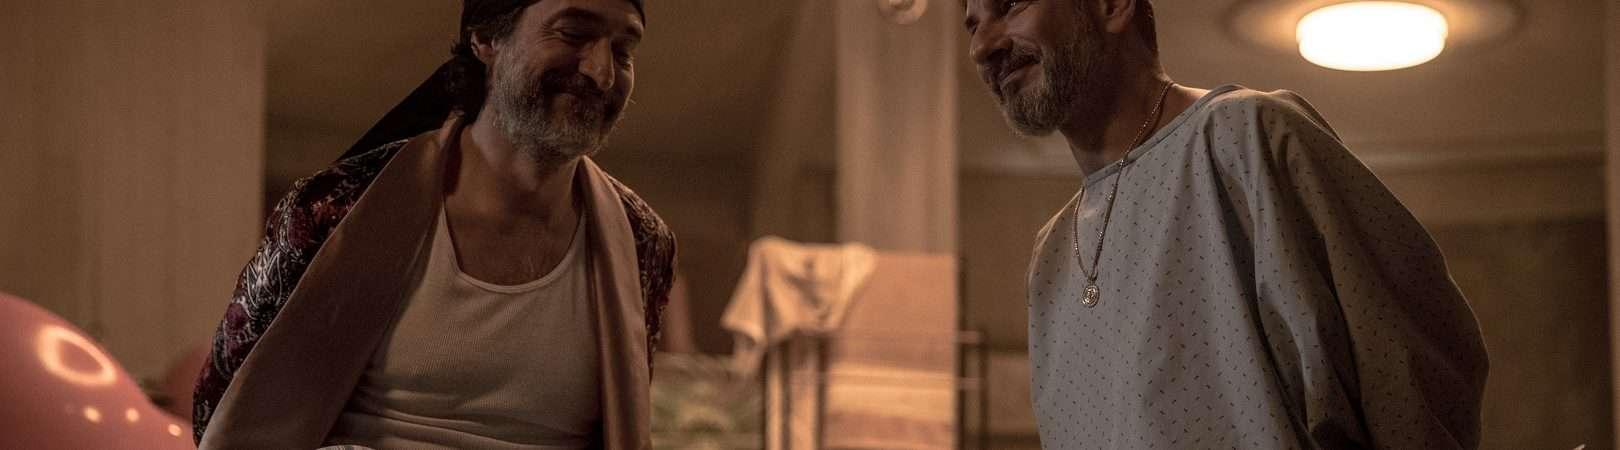 A comédia de ação 'Búnker' (México). Imagem: HBO Max/Divulgação